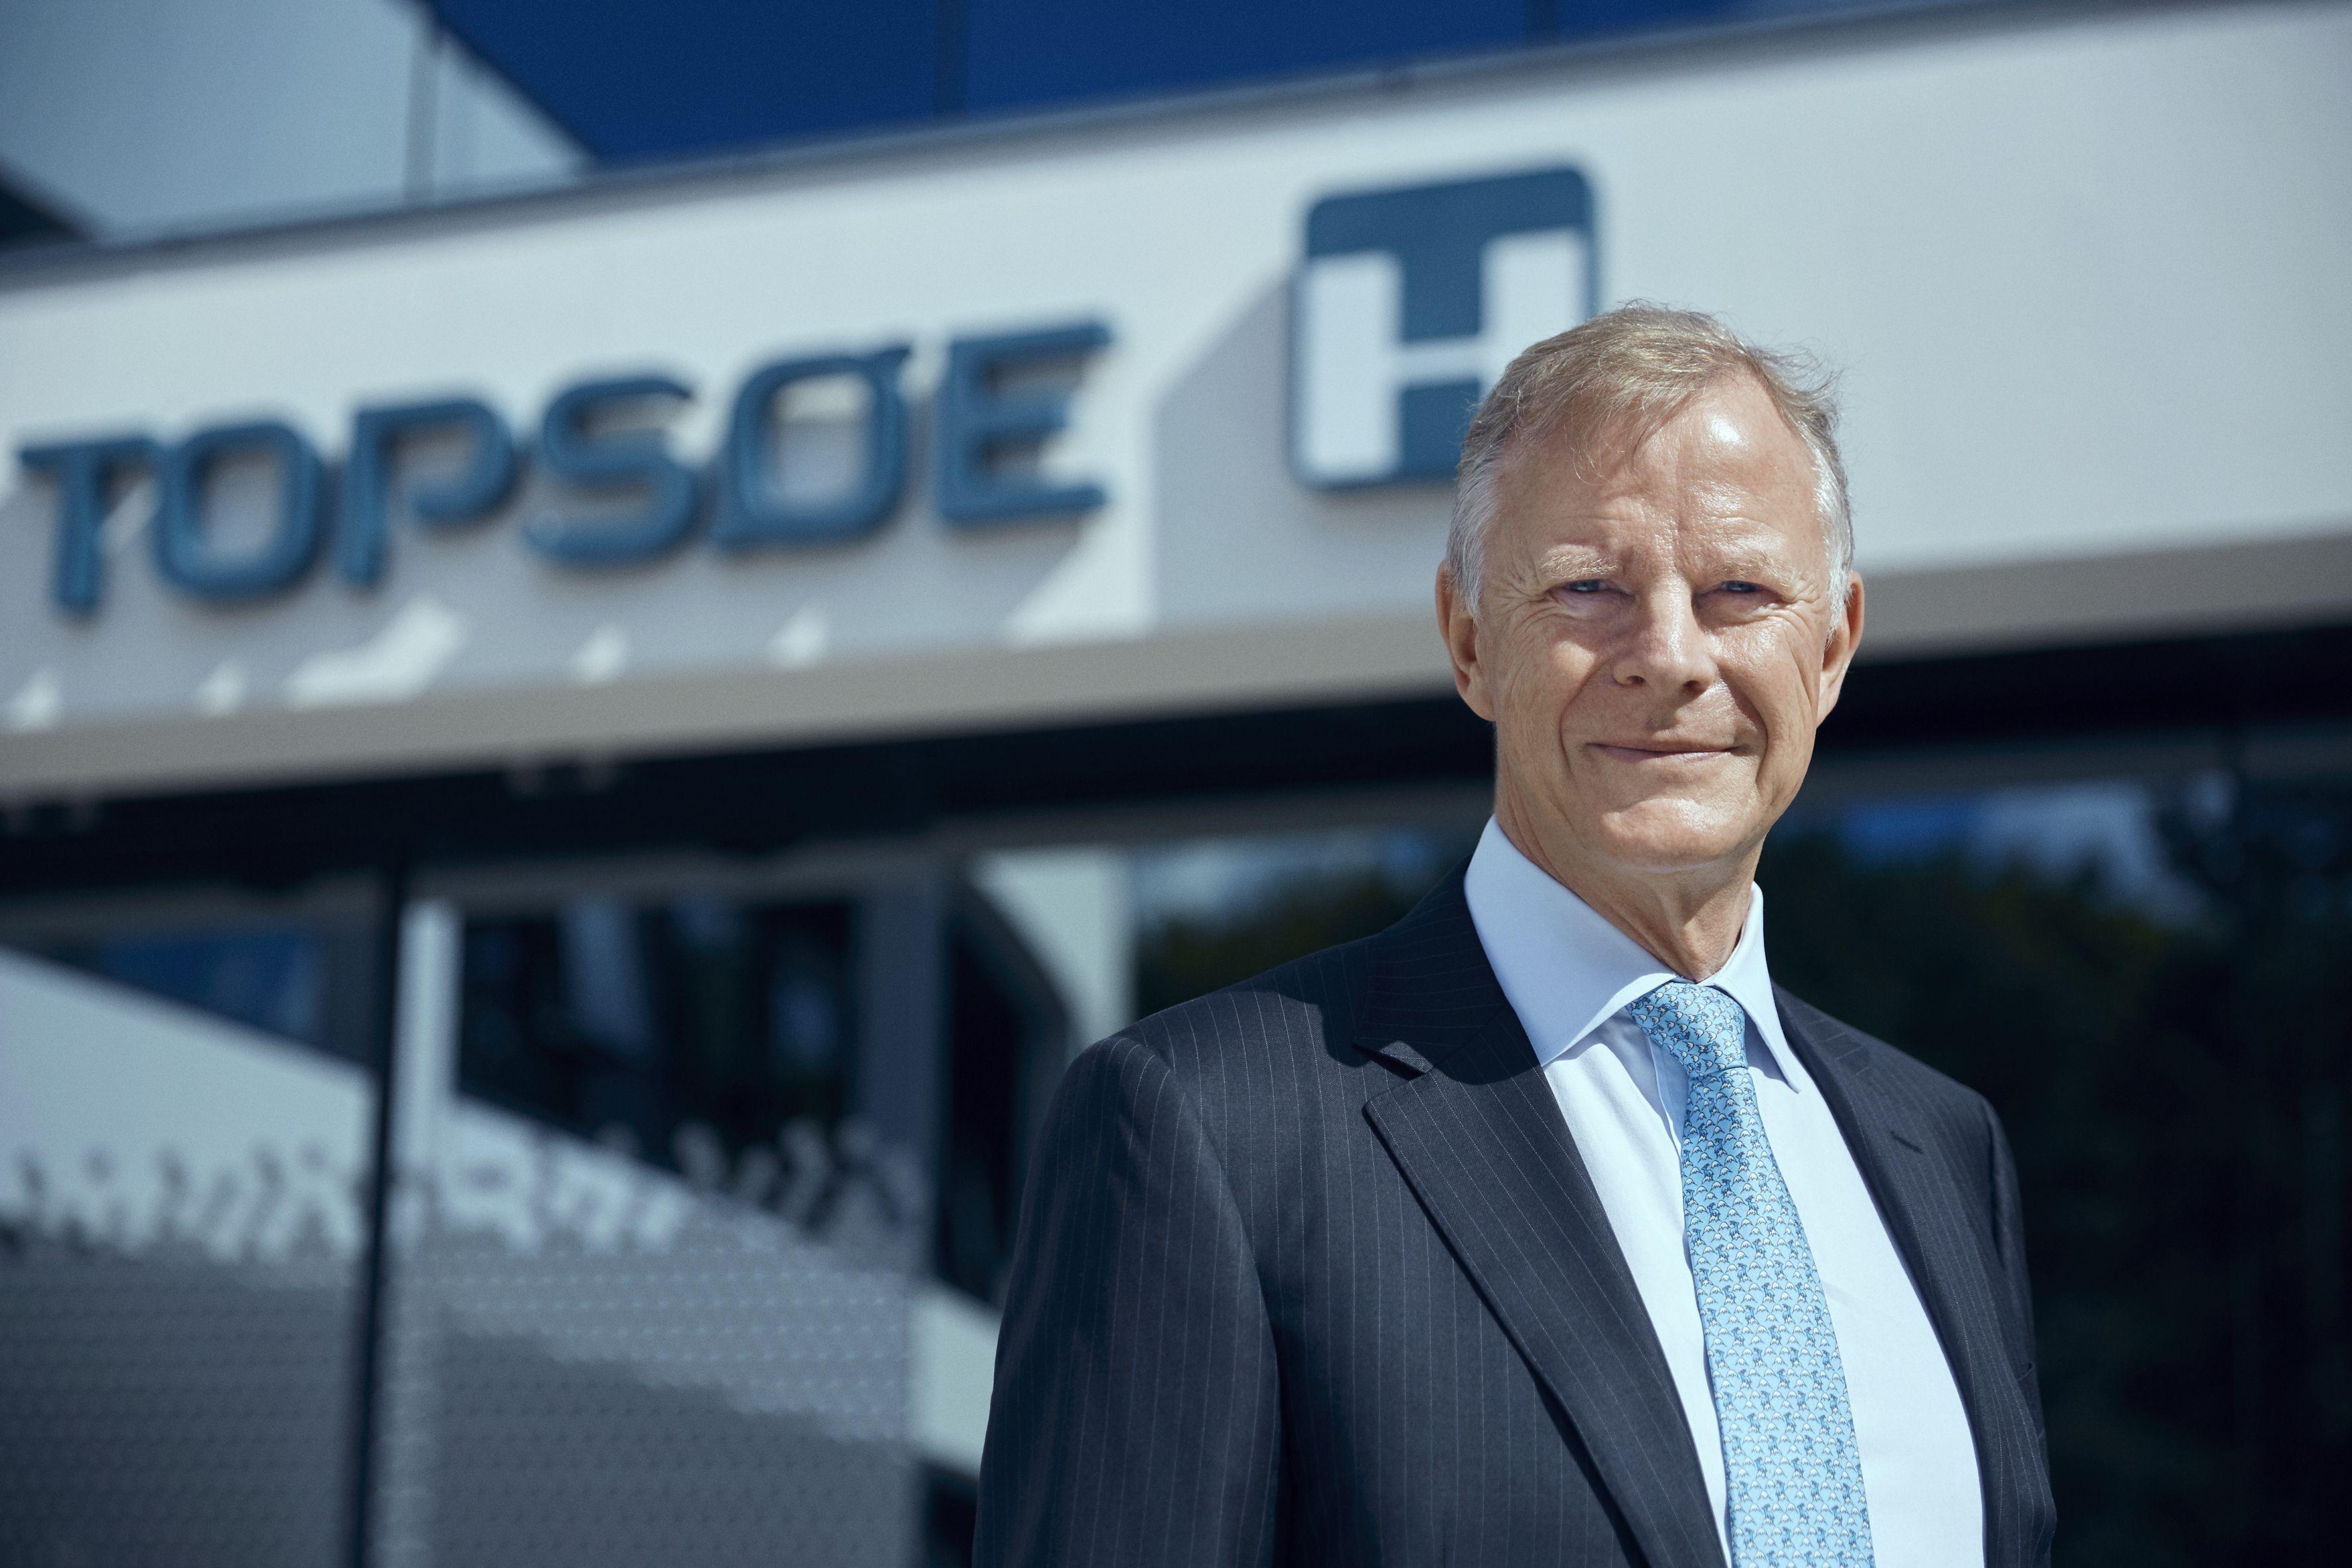 Roeland Baan joined Haldor Topsoe in June as CEO